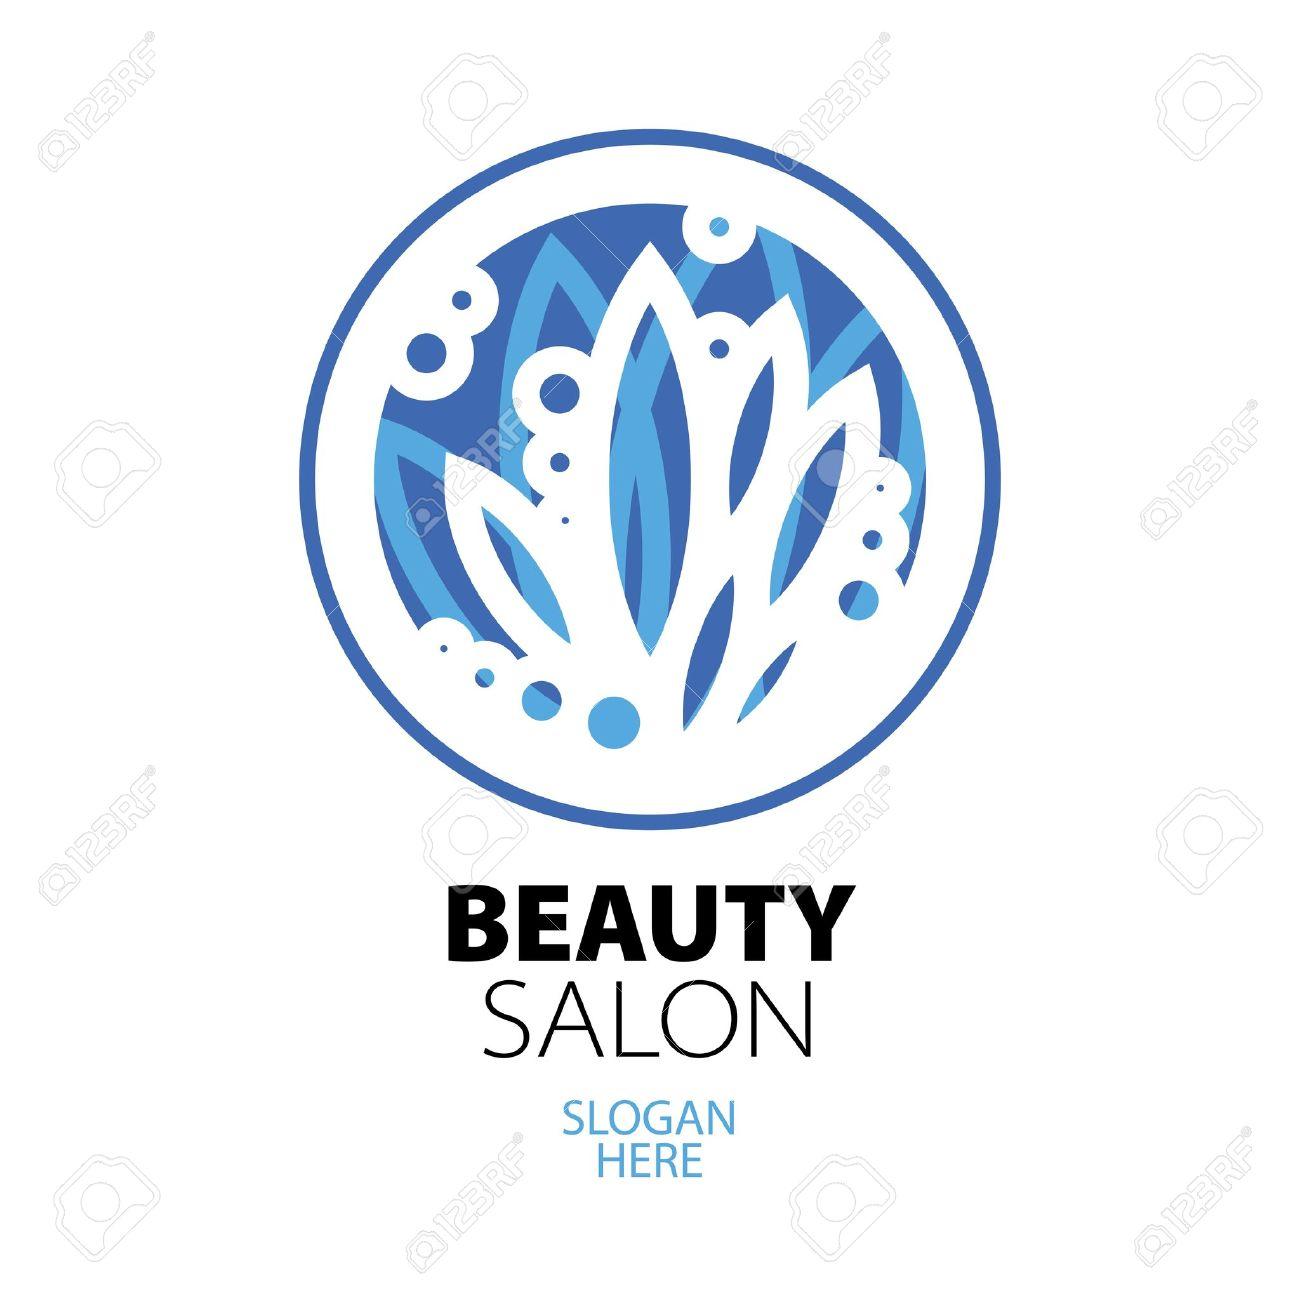 blue ball of leaves logo for beauty salon Stock Vector - 20237222